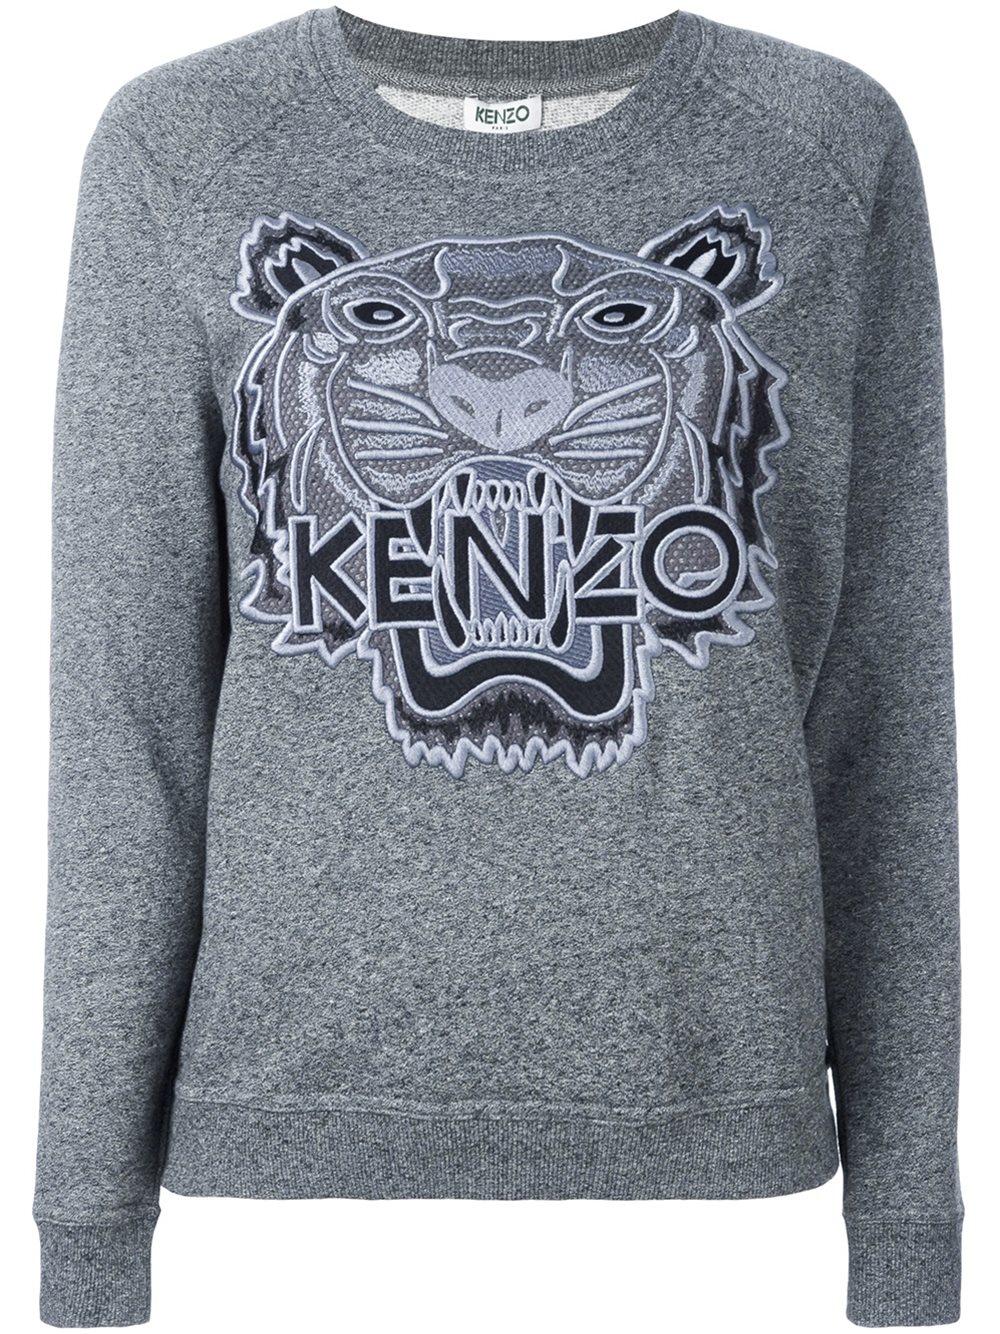 Pull femme kenzo tigre